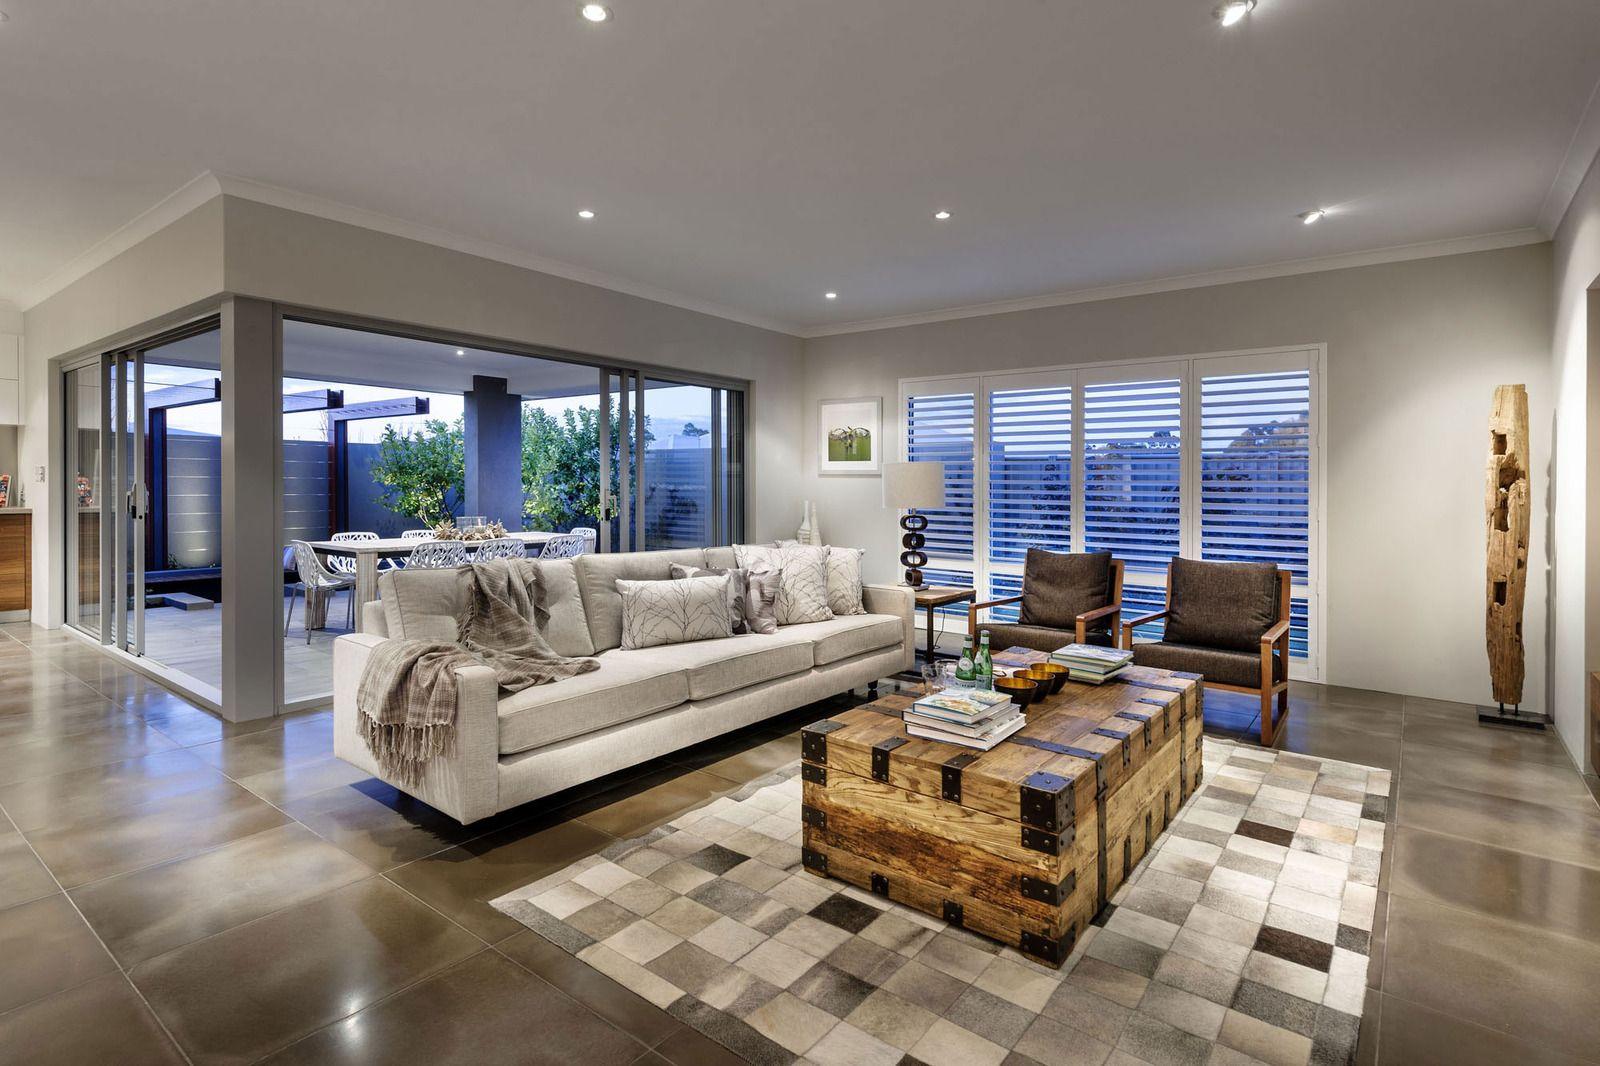 Casas r sticas modernas centro de terreno buscar con - Casas de ensueno interiores ...